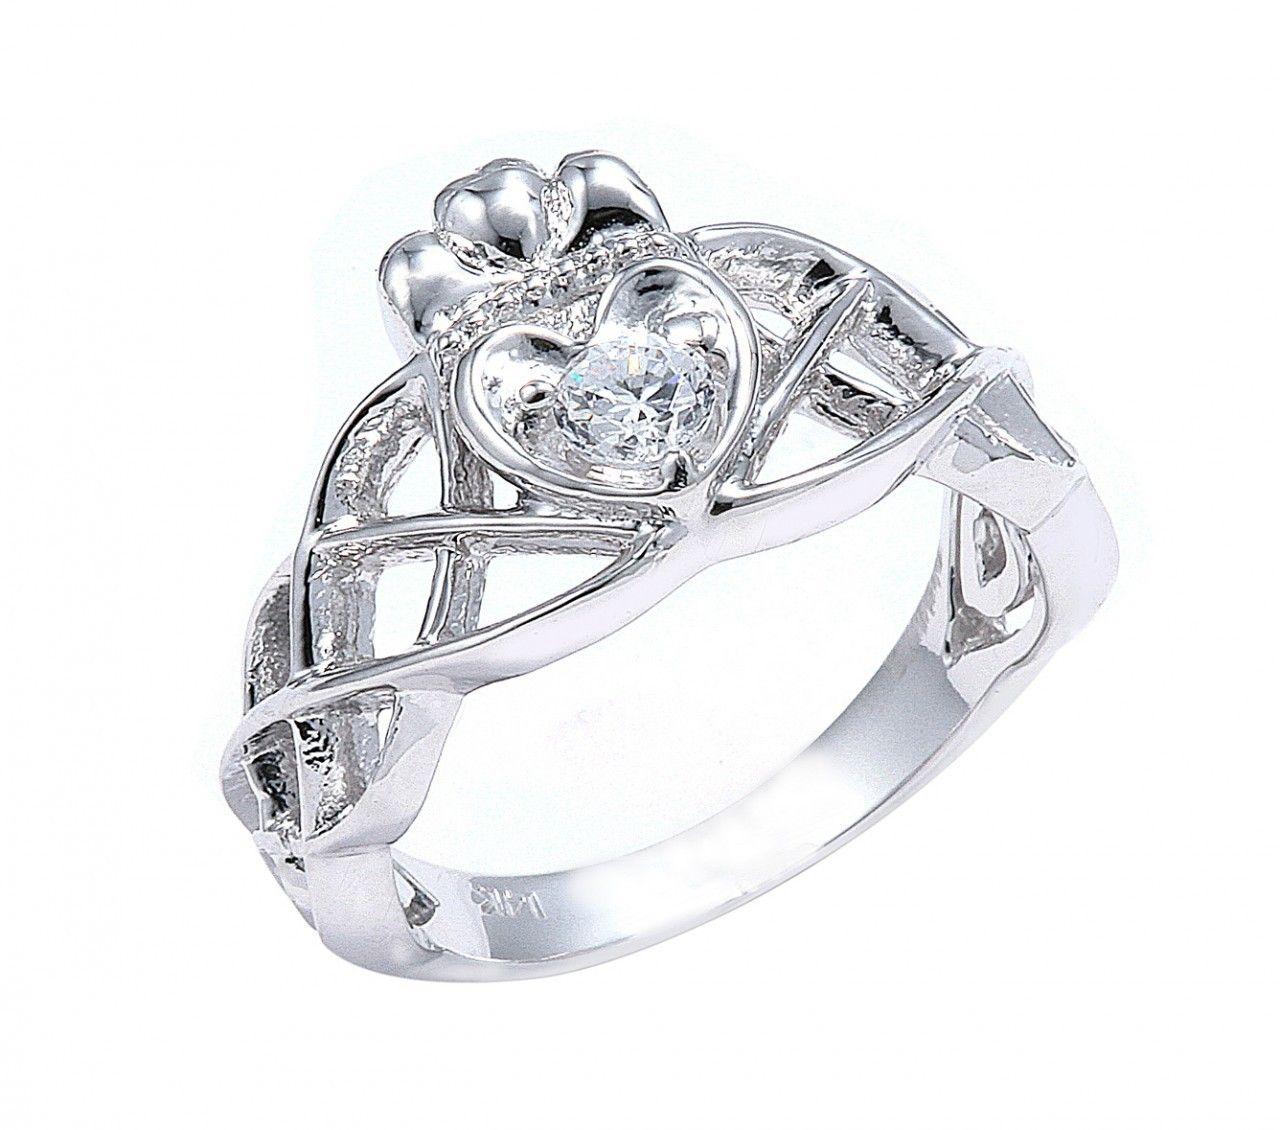 claddagh wedding bands Zales Diamond Engagement Rings The Diamond Claddagh And Zales Mens Wedding Rings Irish Claddagh